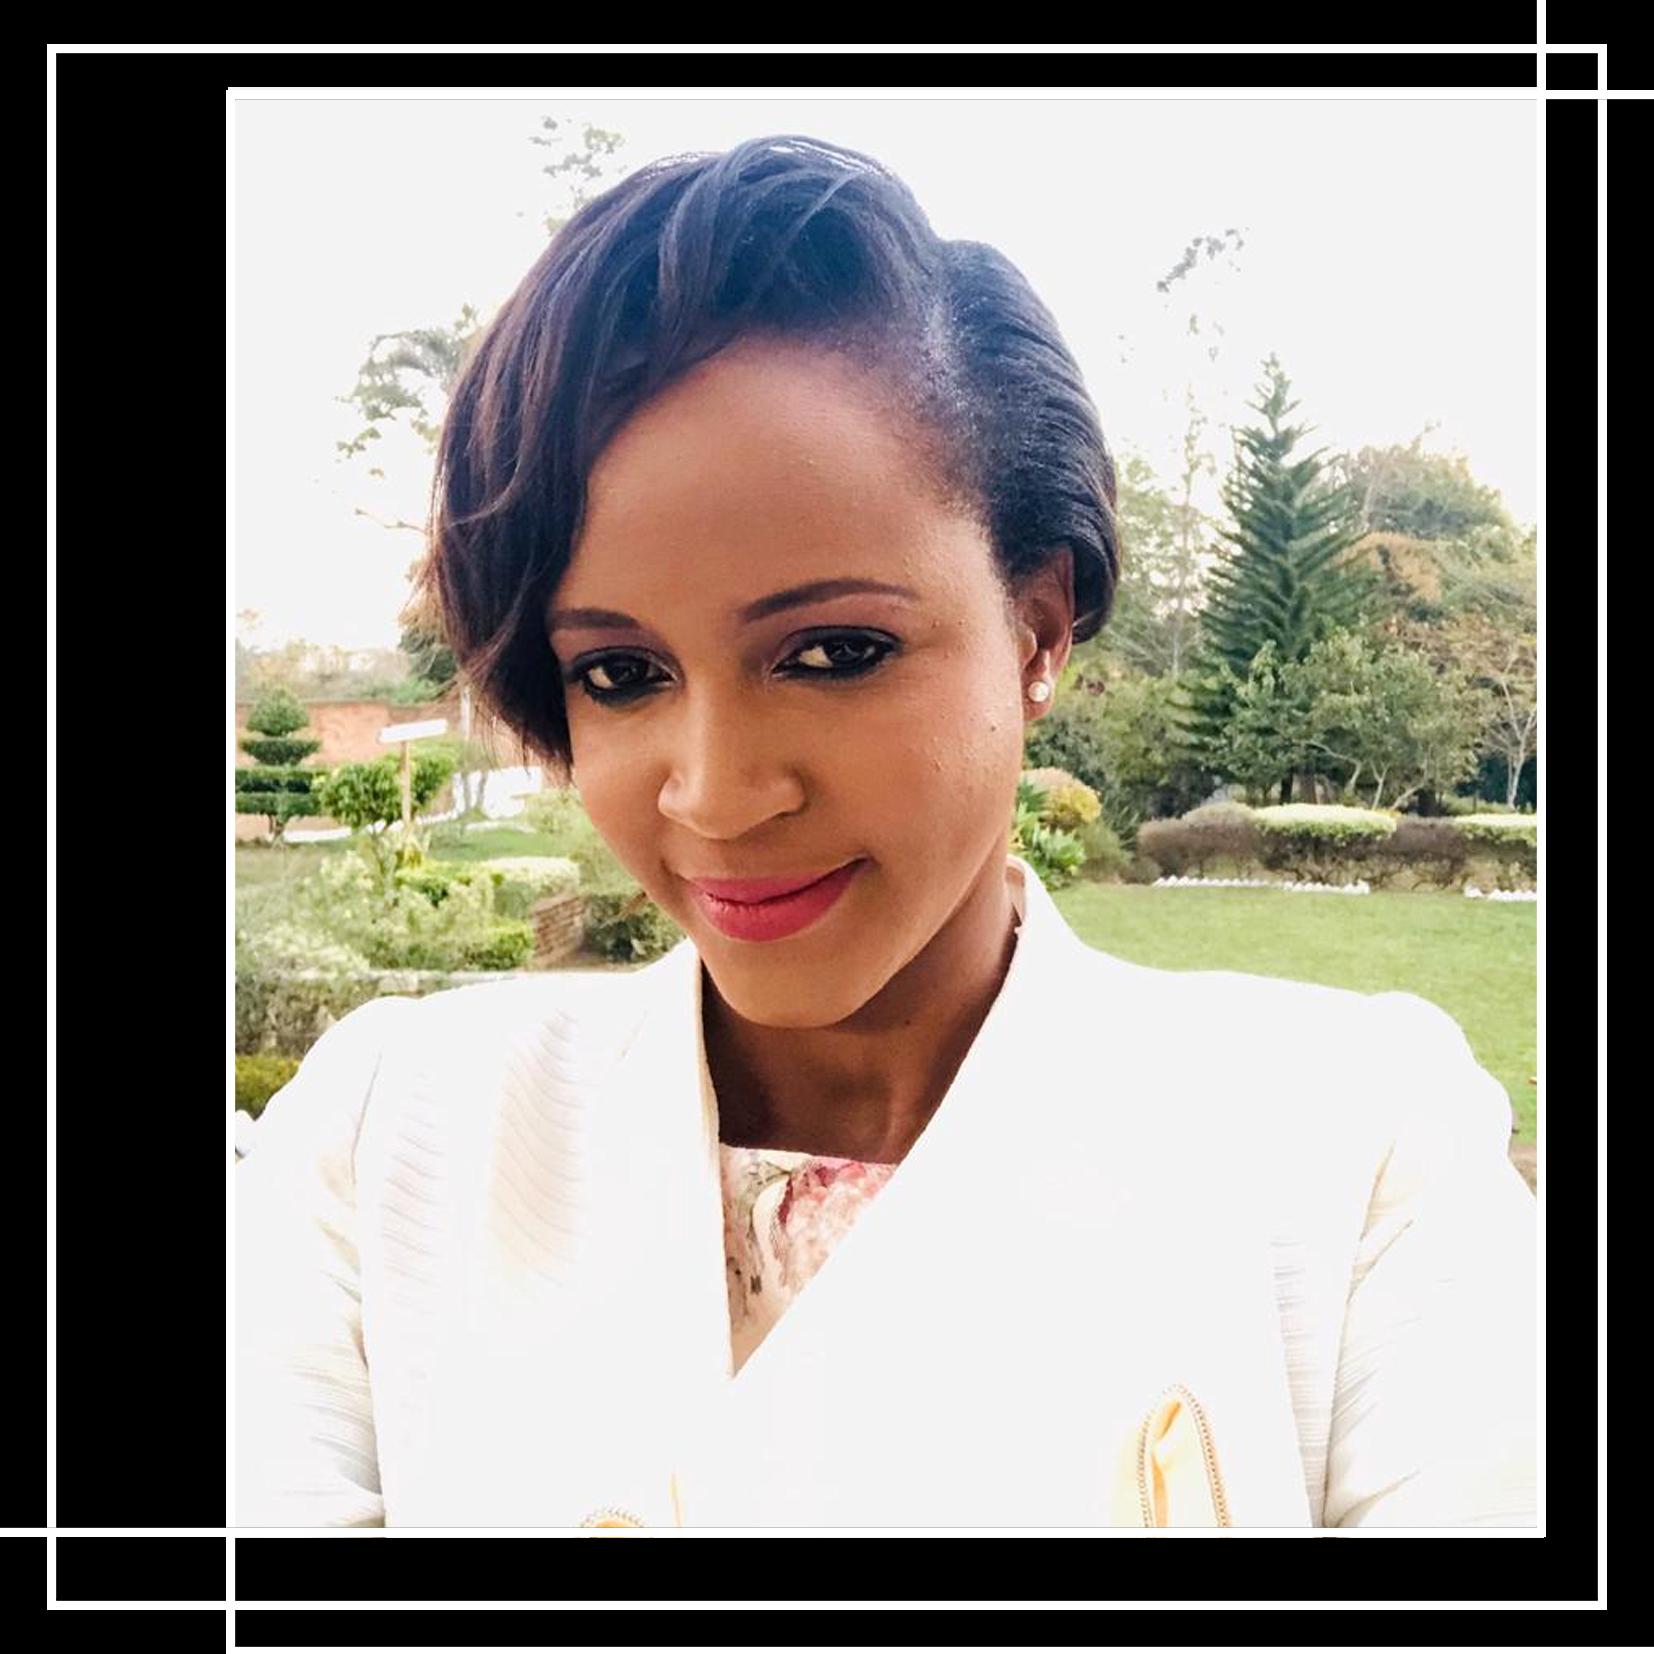 Miss Mbiri Mulamba